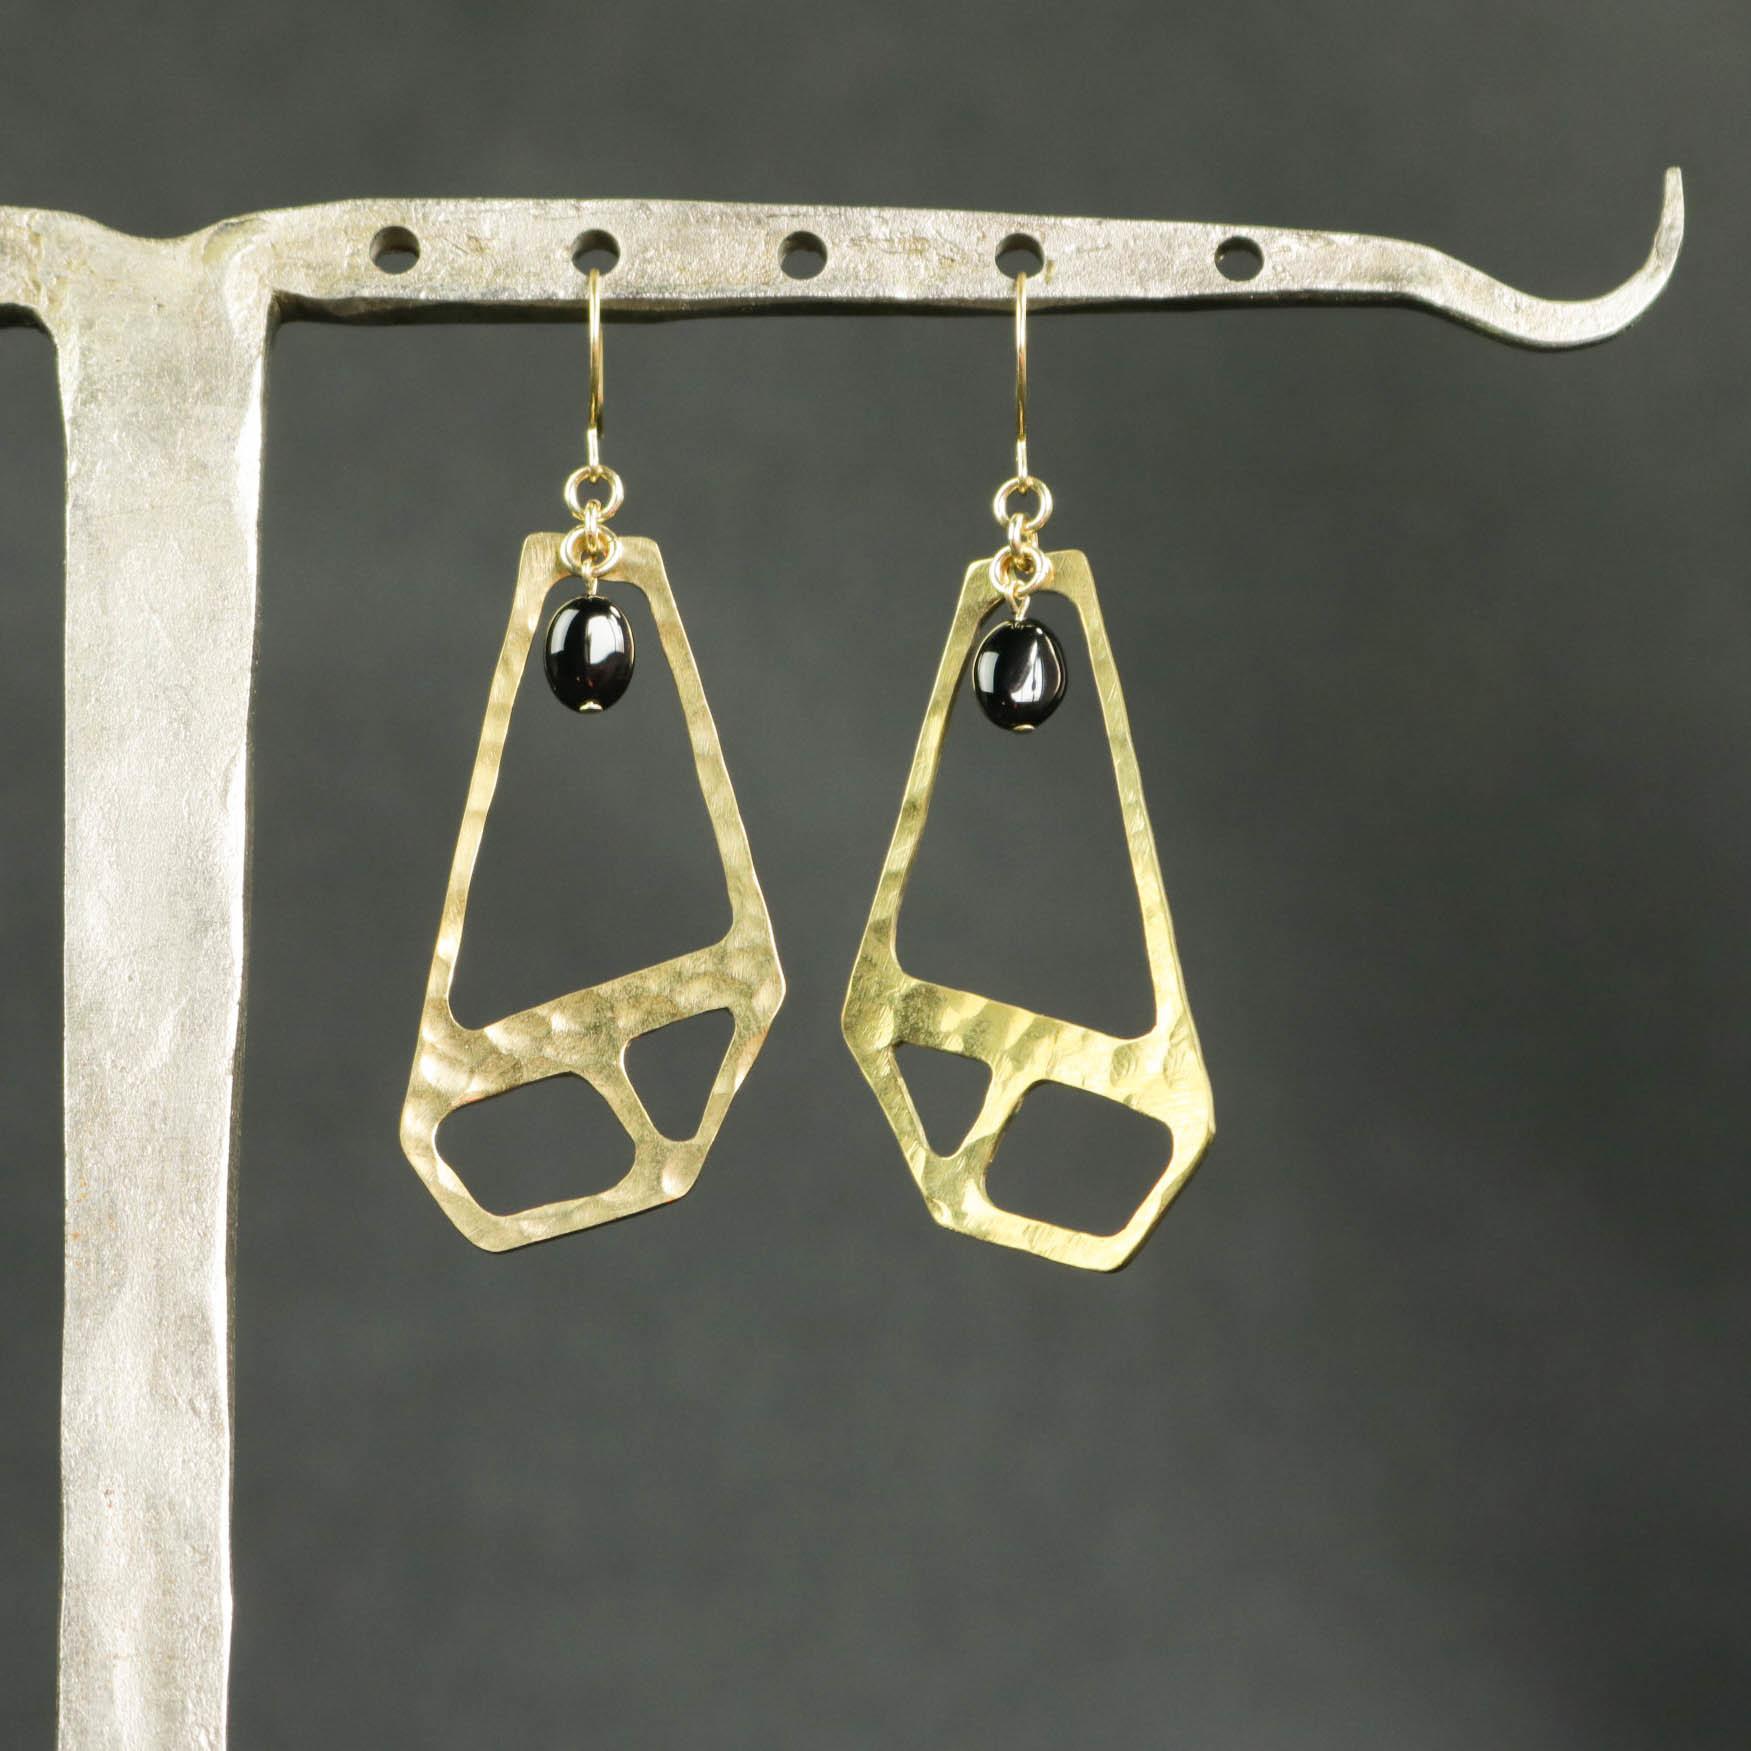 オニキスとデザイン真鍮ピアス【P216】